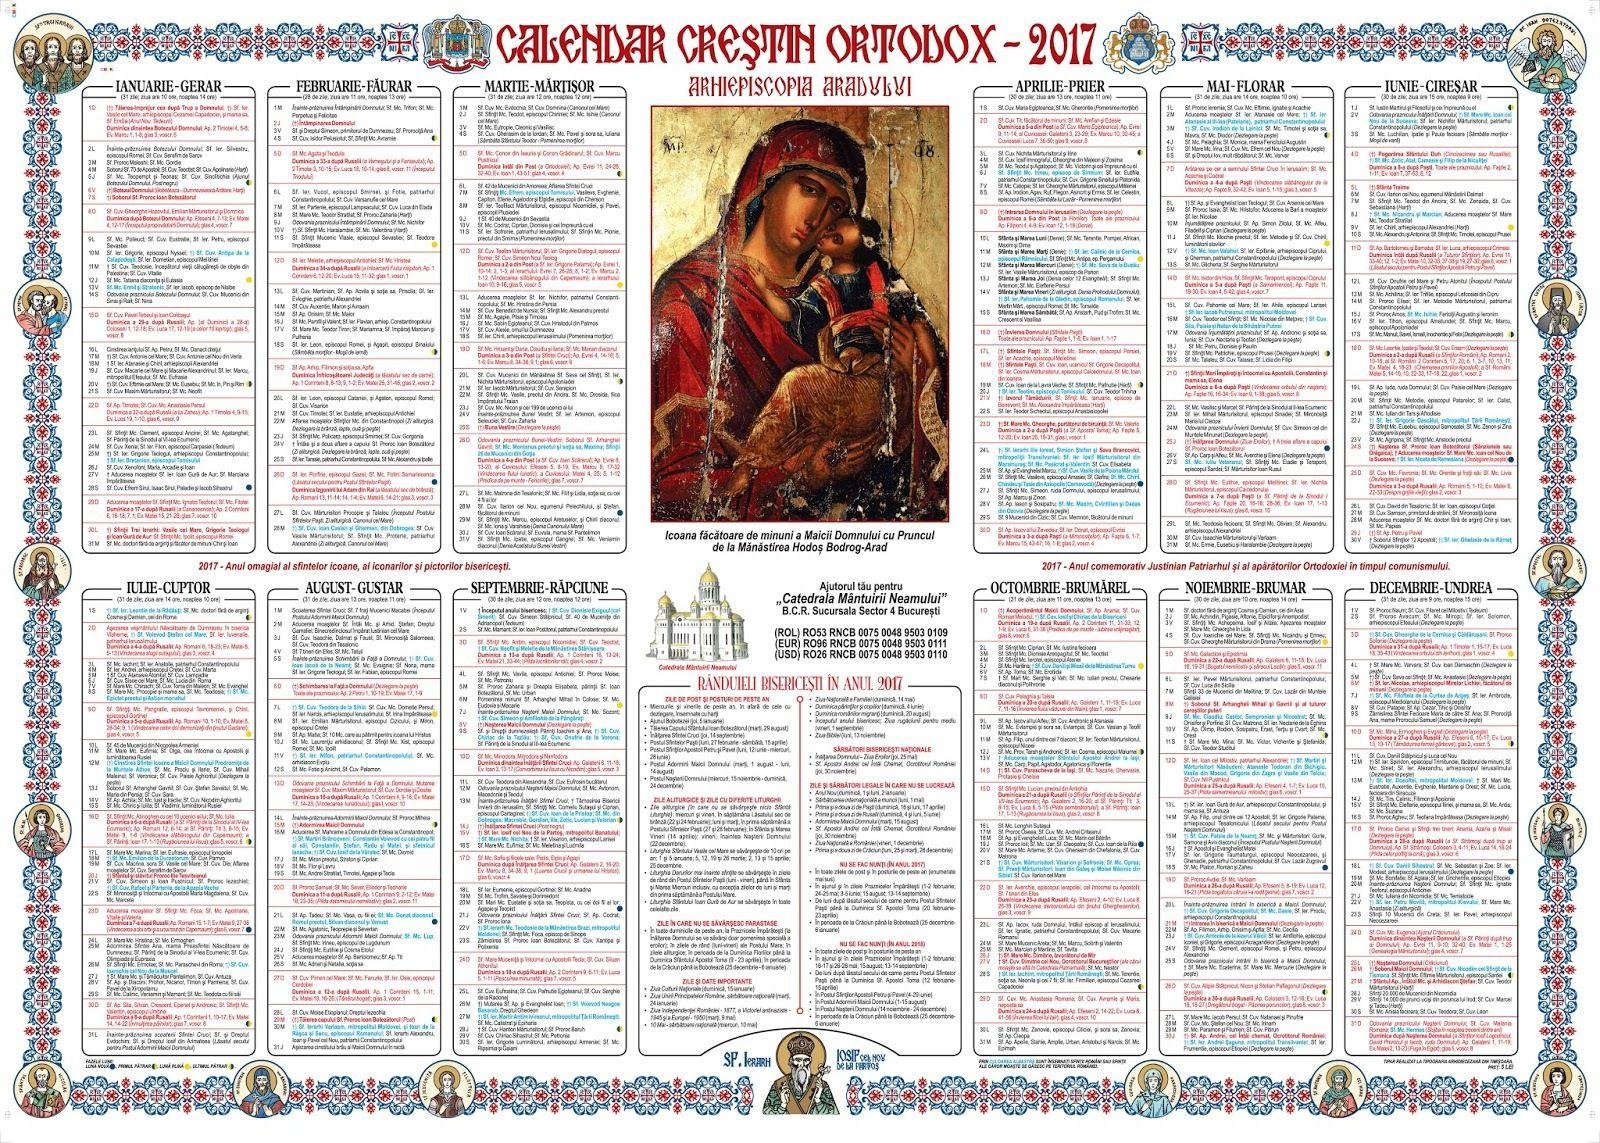 Calendar Crestin Ortodox.Calendar Crestin Ortodox 16 Mai Cui Ii Spunem Astazi La Multi Ani